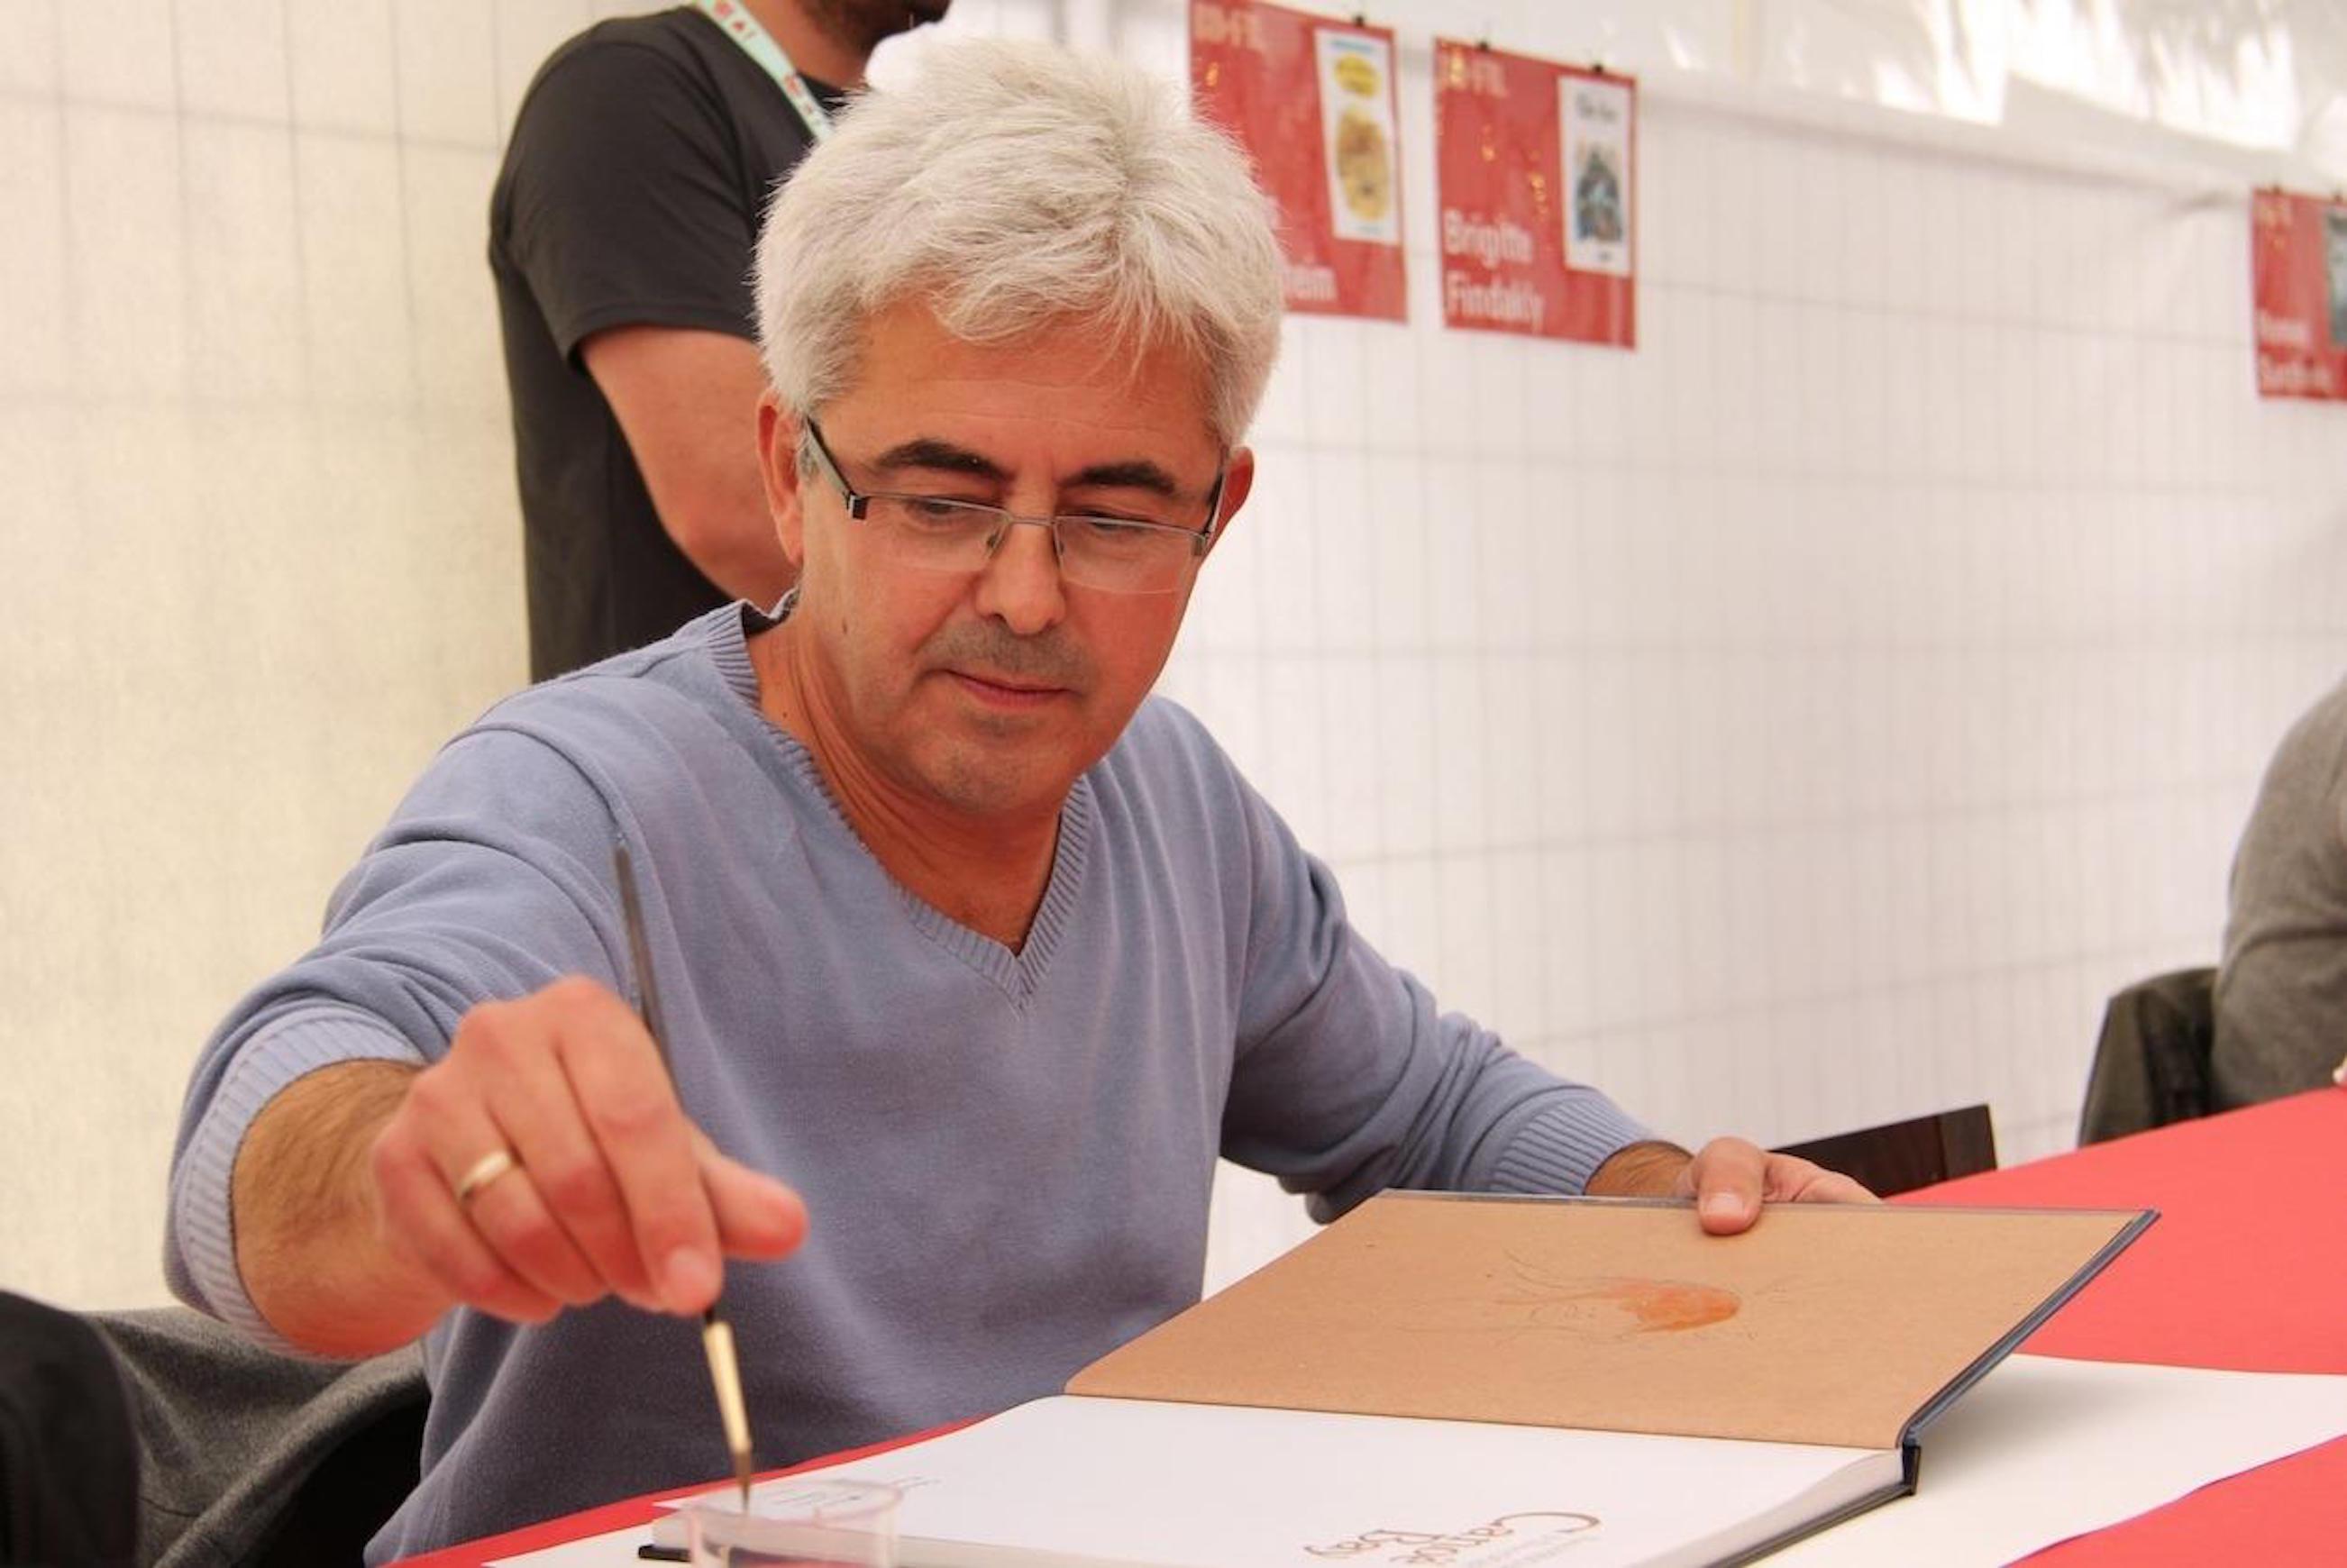 FRENCHMAN PATRICK PRUGNE NOV 2015